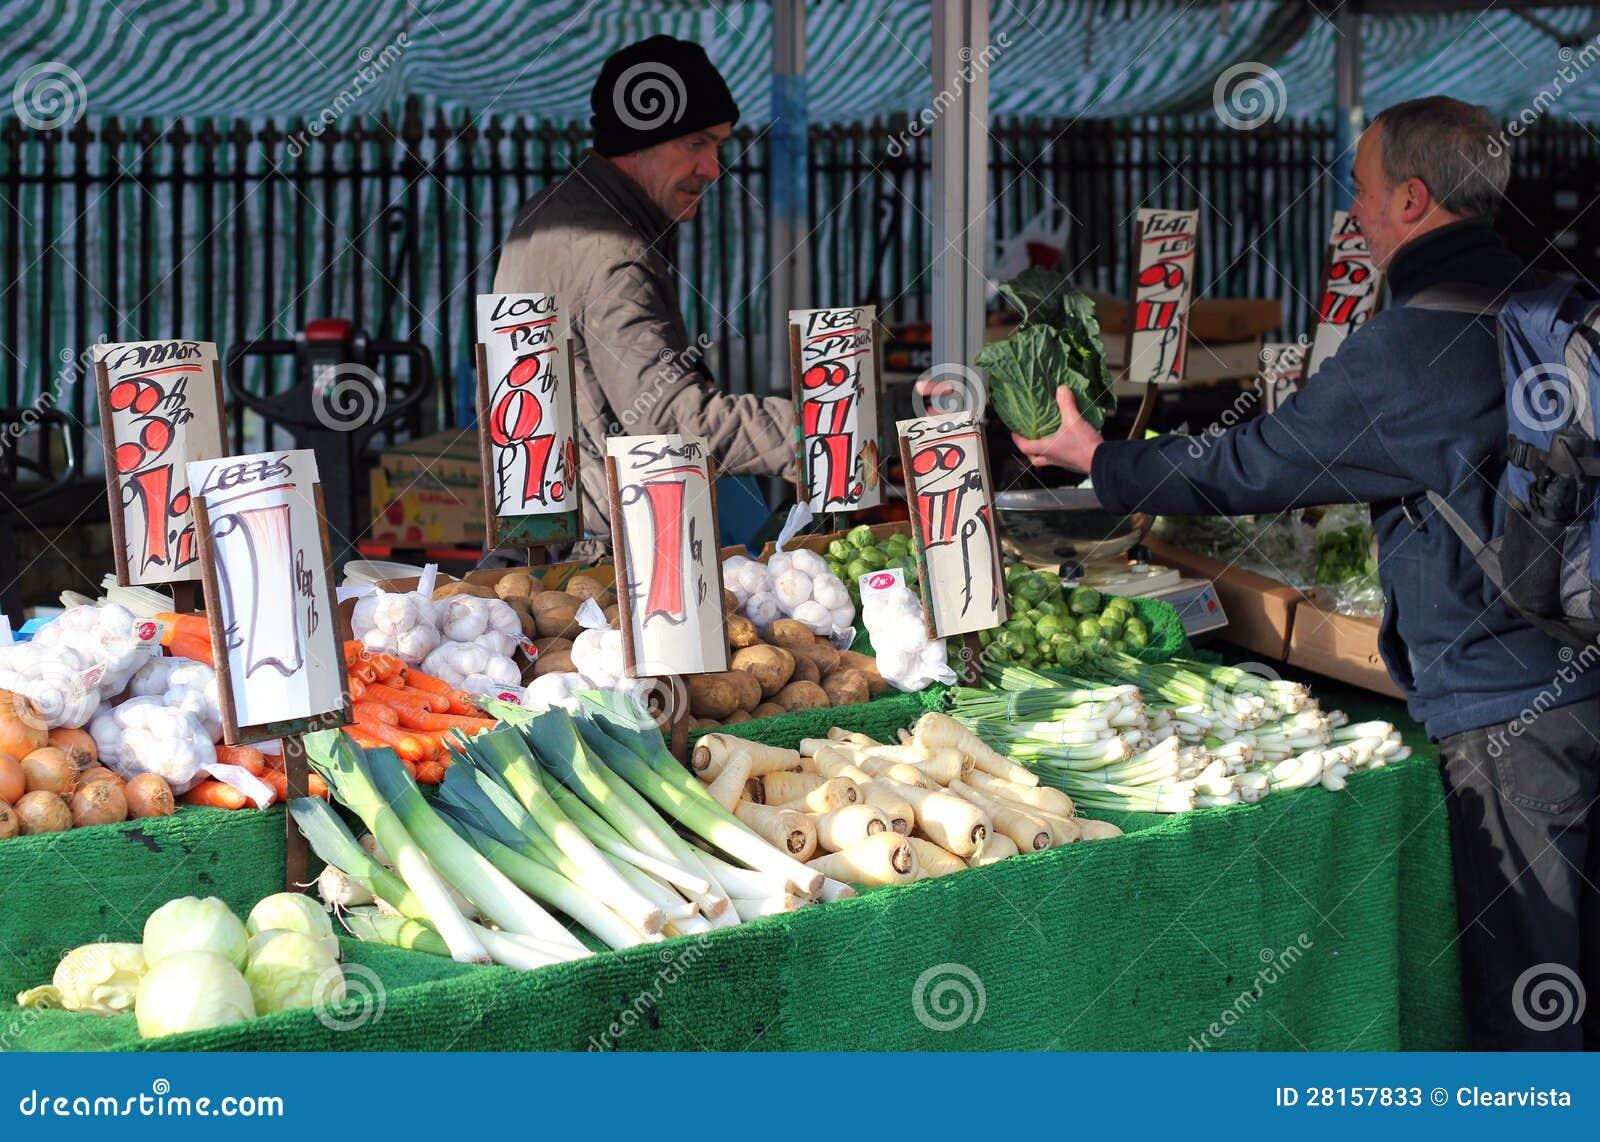 Utomhus- frukt och grönsaken marknadsför.